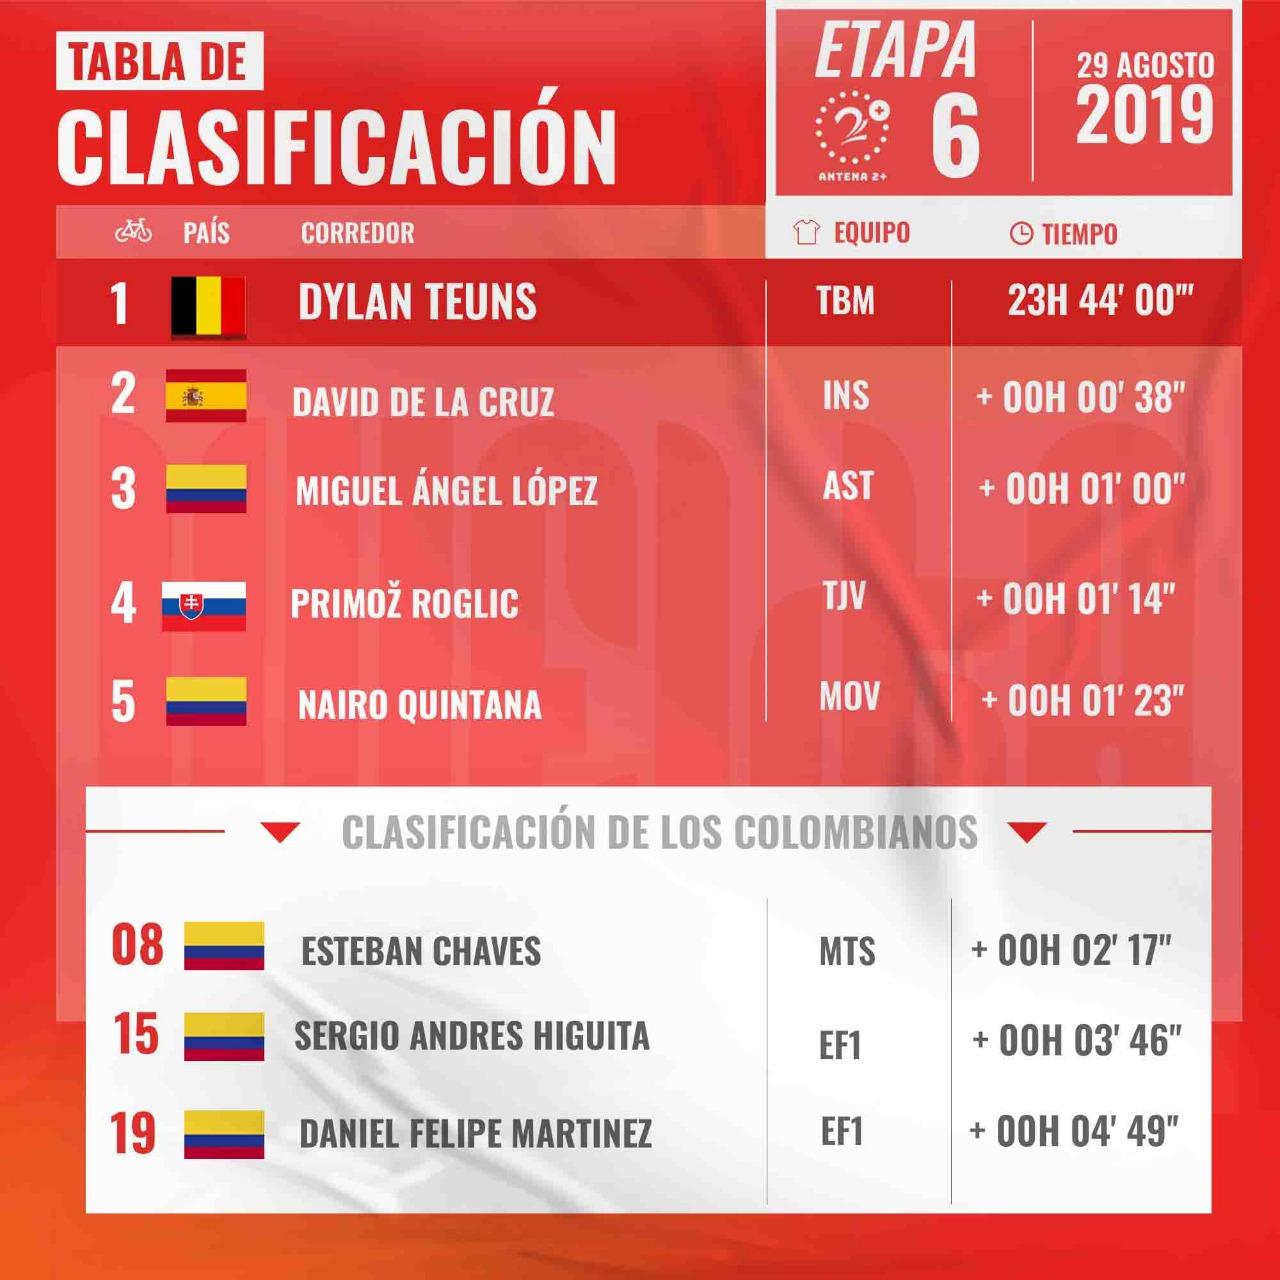 Vuelta a España, Etapa 6, clasificaciones